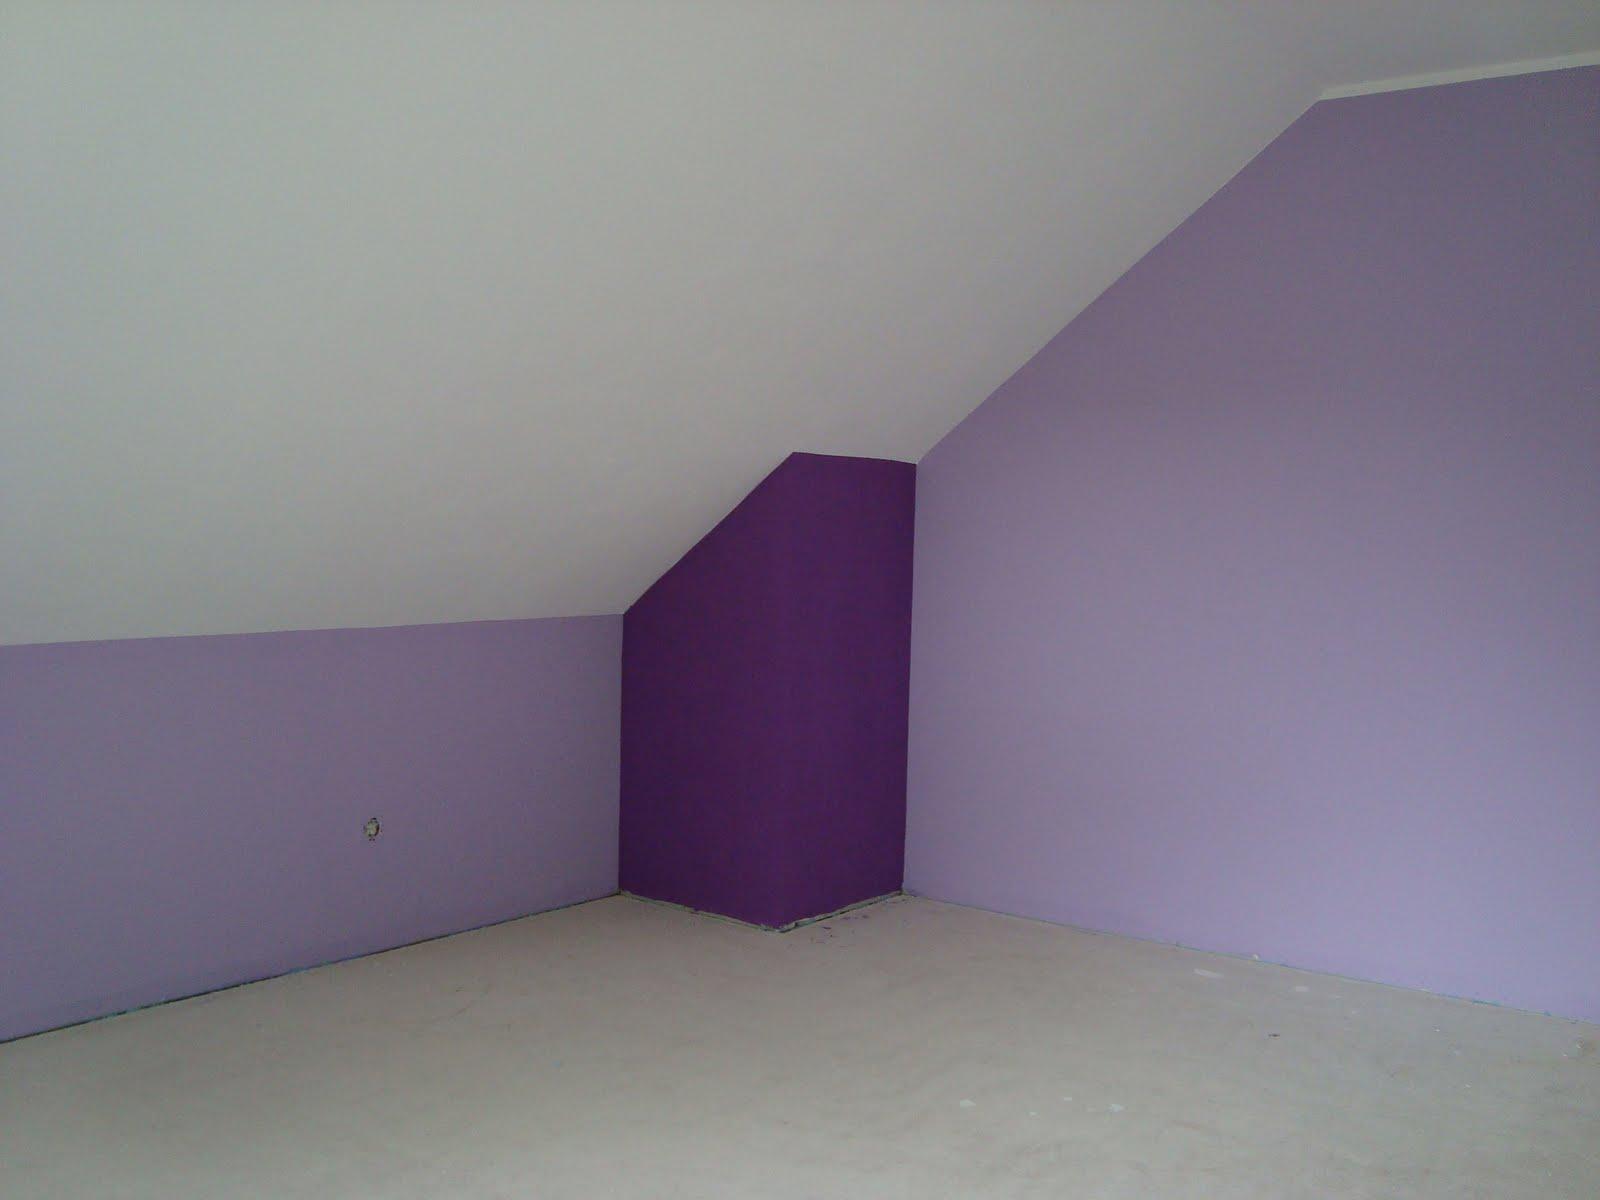 Die heidis haben gebaut und es werde licht h for Wand ausbessern farbe